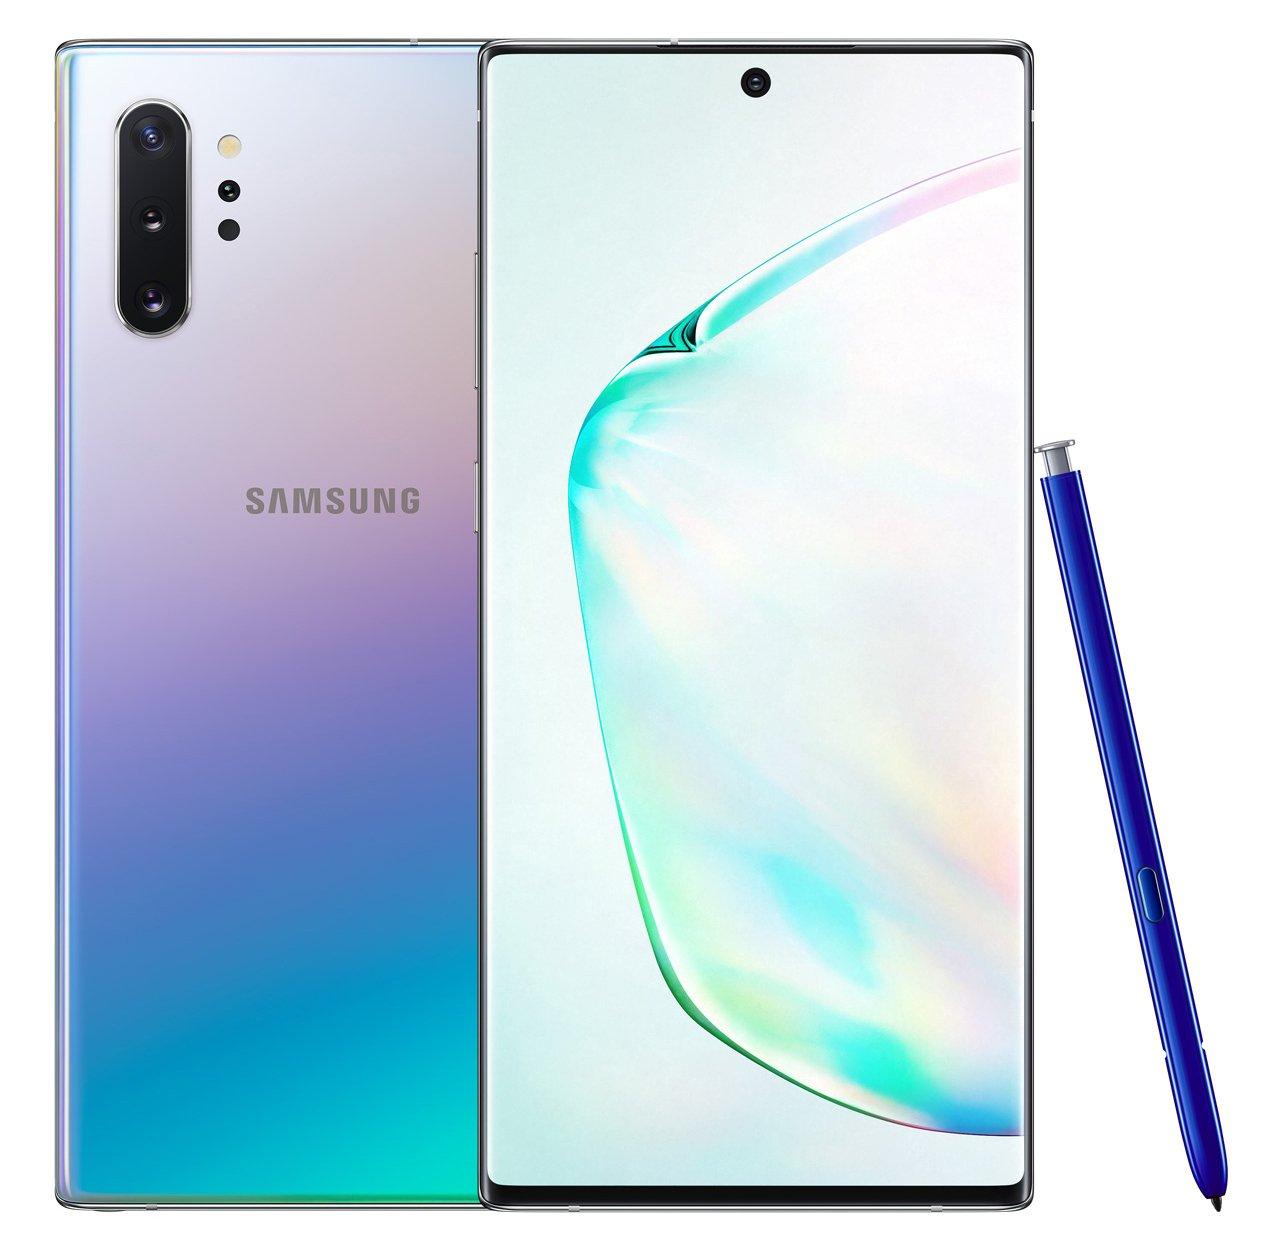 SIM Free Samsung Galaxy Note 10+ 5G 256GB – Glow – Pre Order